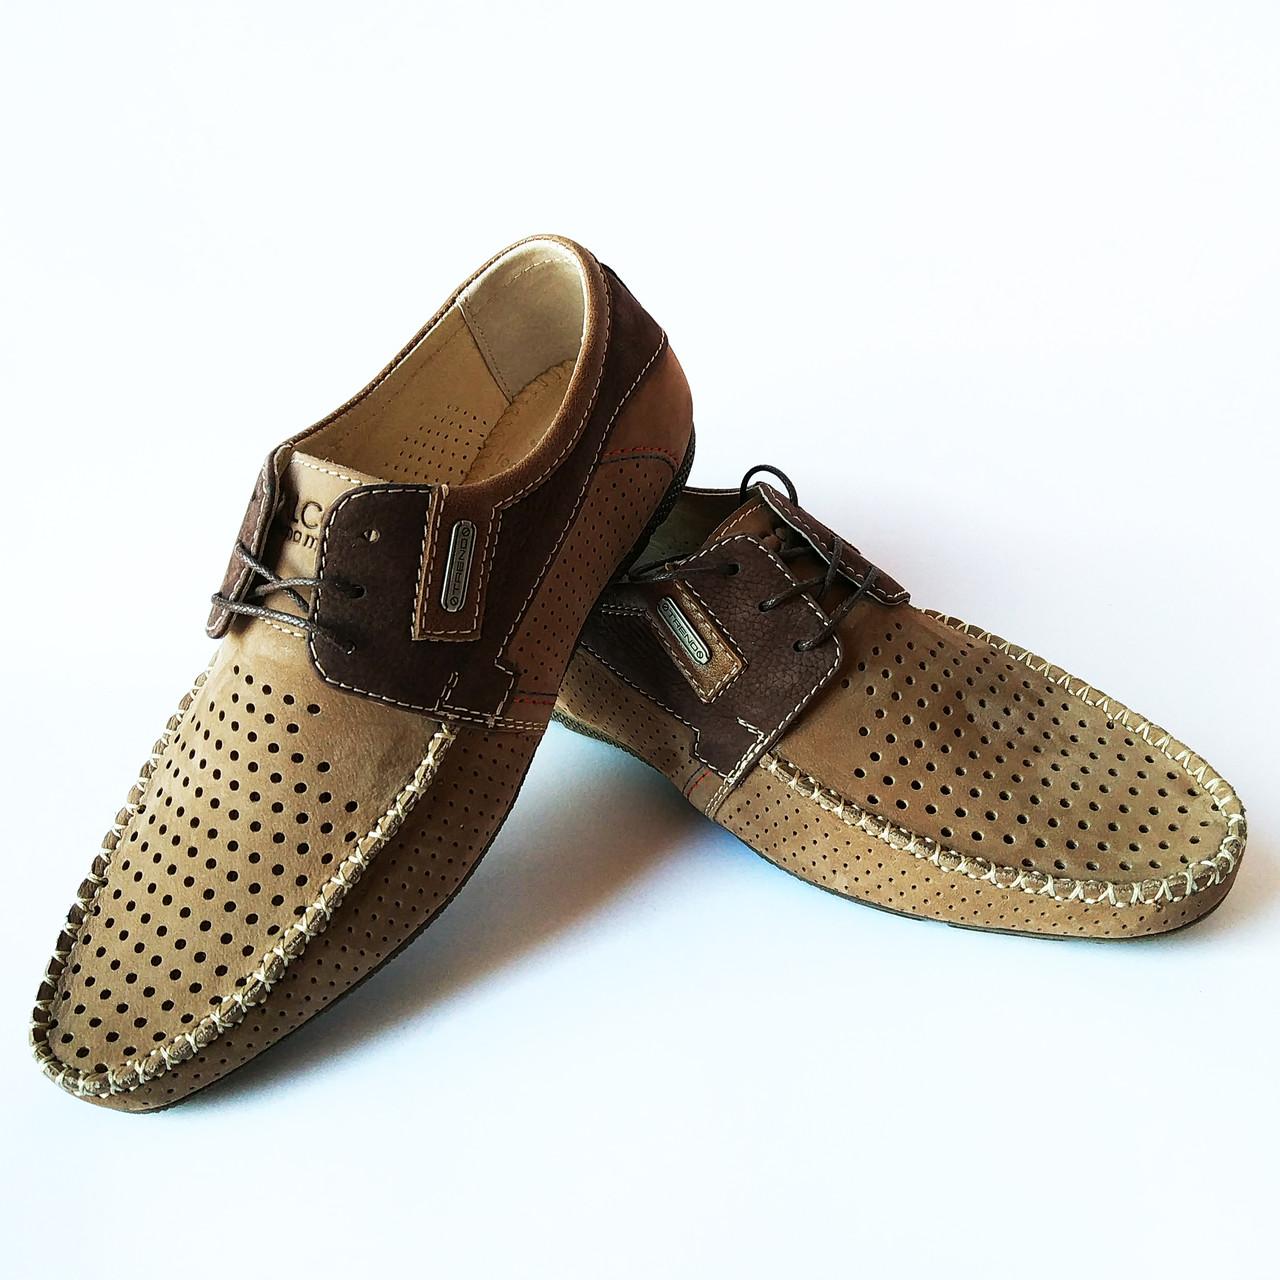 Харьковская кожаная обувь от производителя Falcon   летние, мужские,  замшевые мокасины, светло- 649b74f7076